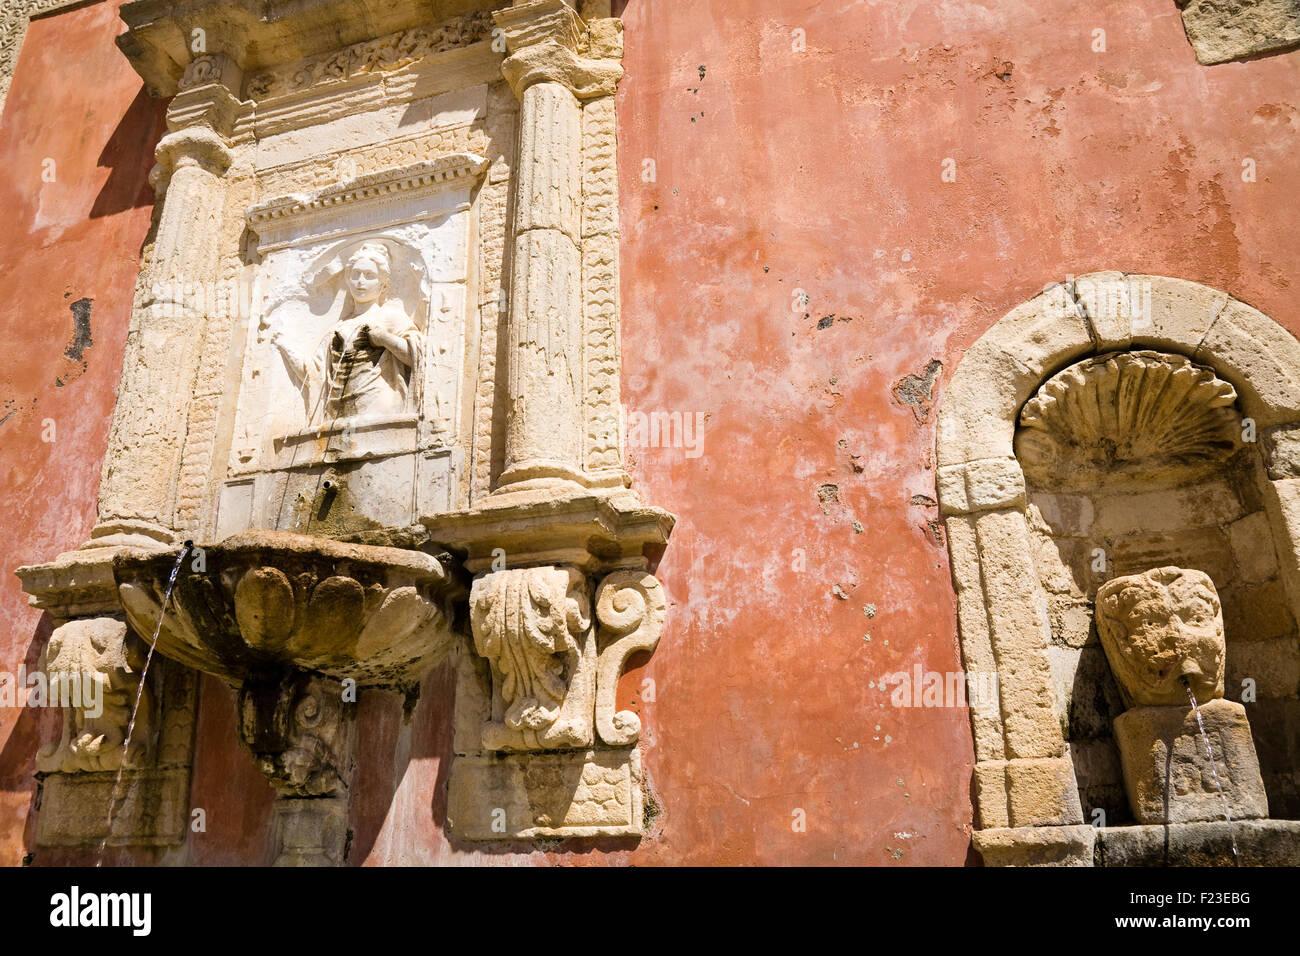 Der historische Brunnen der Nymphe Zizza gebaut im Jahre 1607 in der barocken Stadt Militello in Val di Catania Stockbild